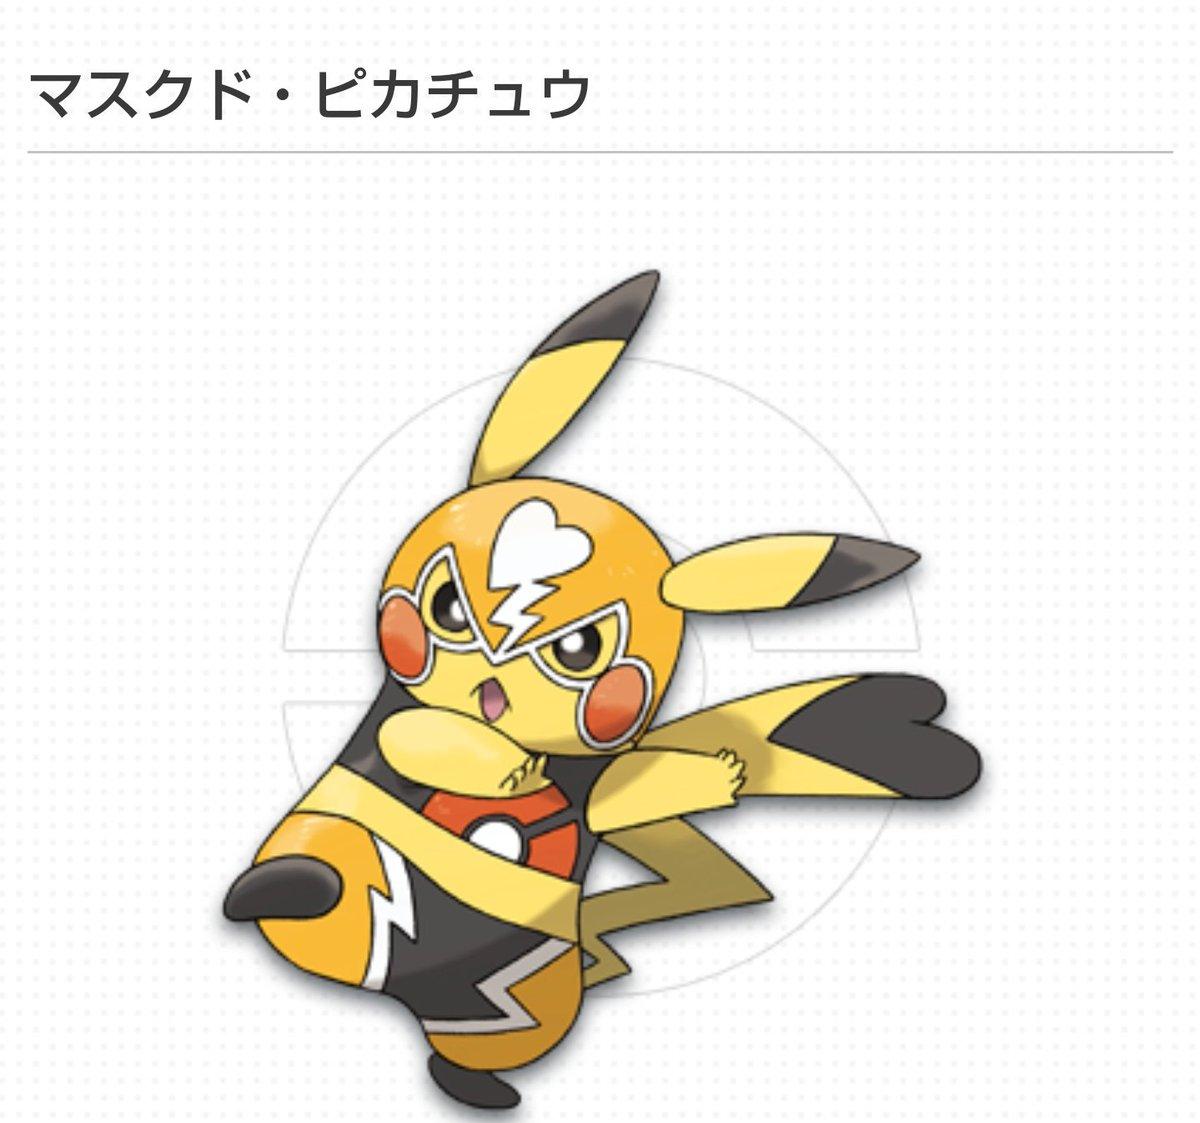 【ポケモンGO】フライングプレス追加はマスクドピカチュウ実装の布石?